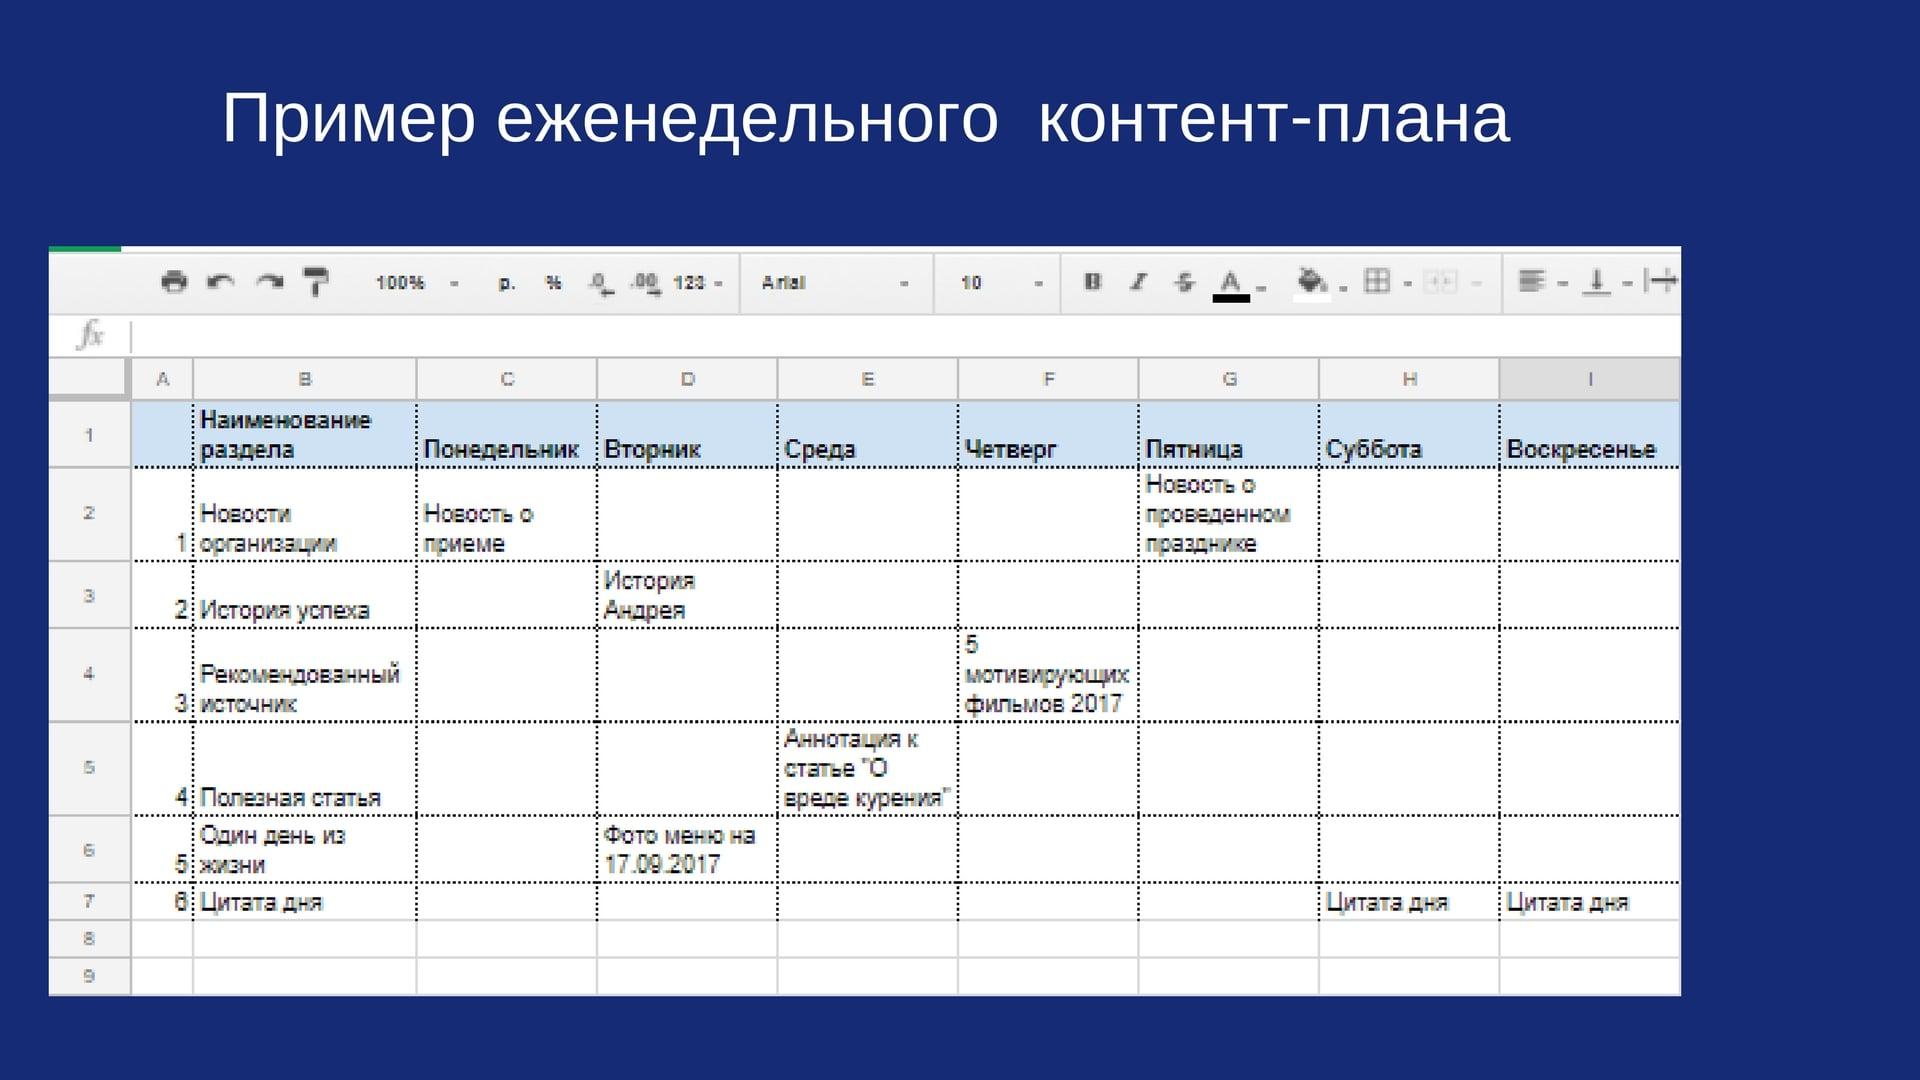 еженедельный контент-план